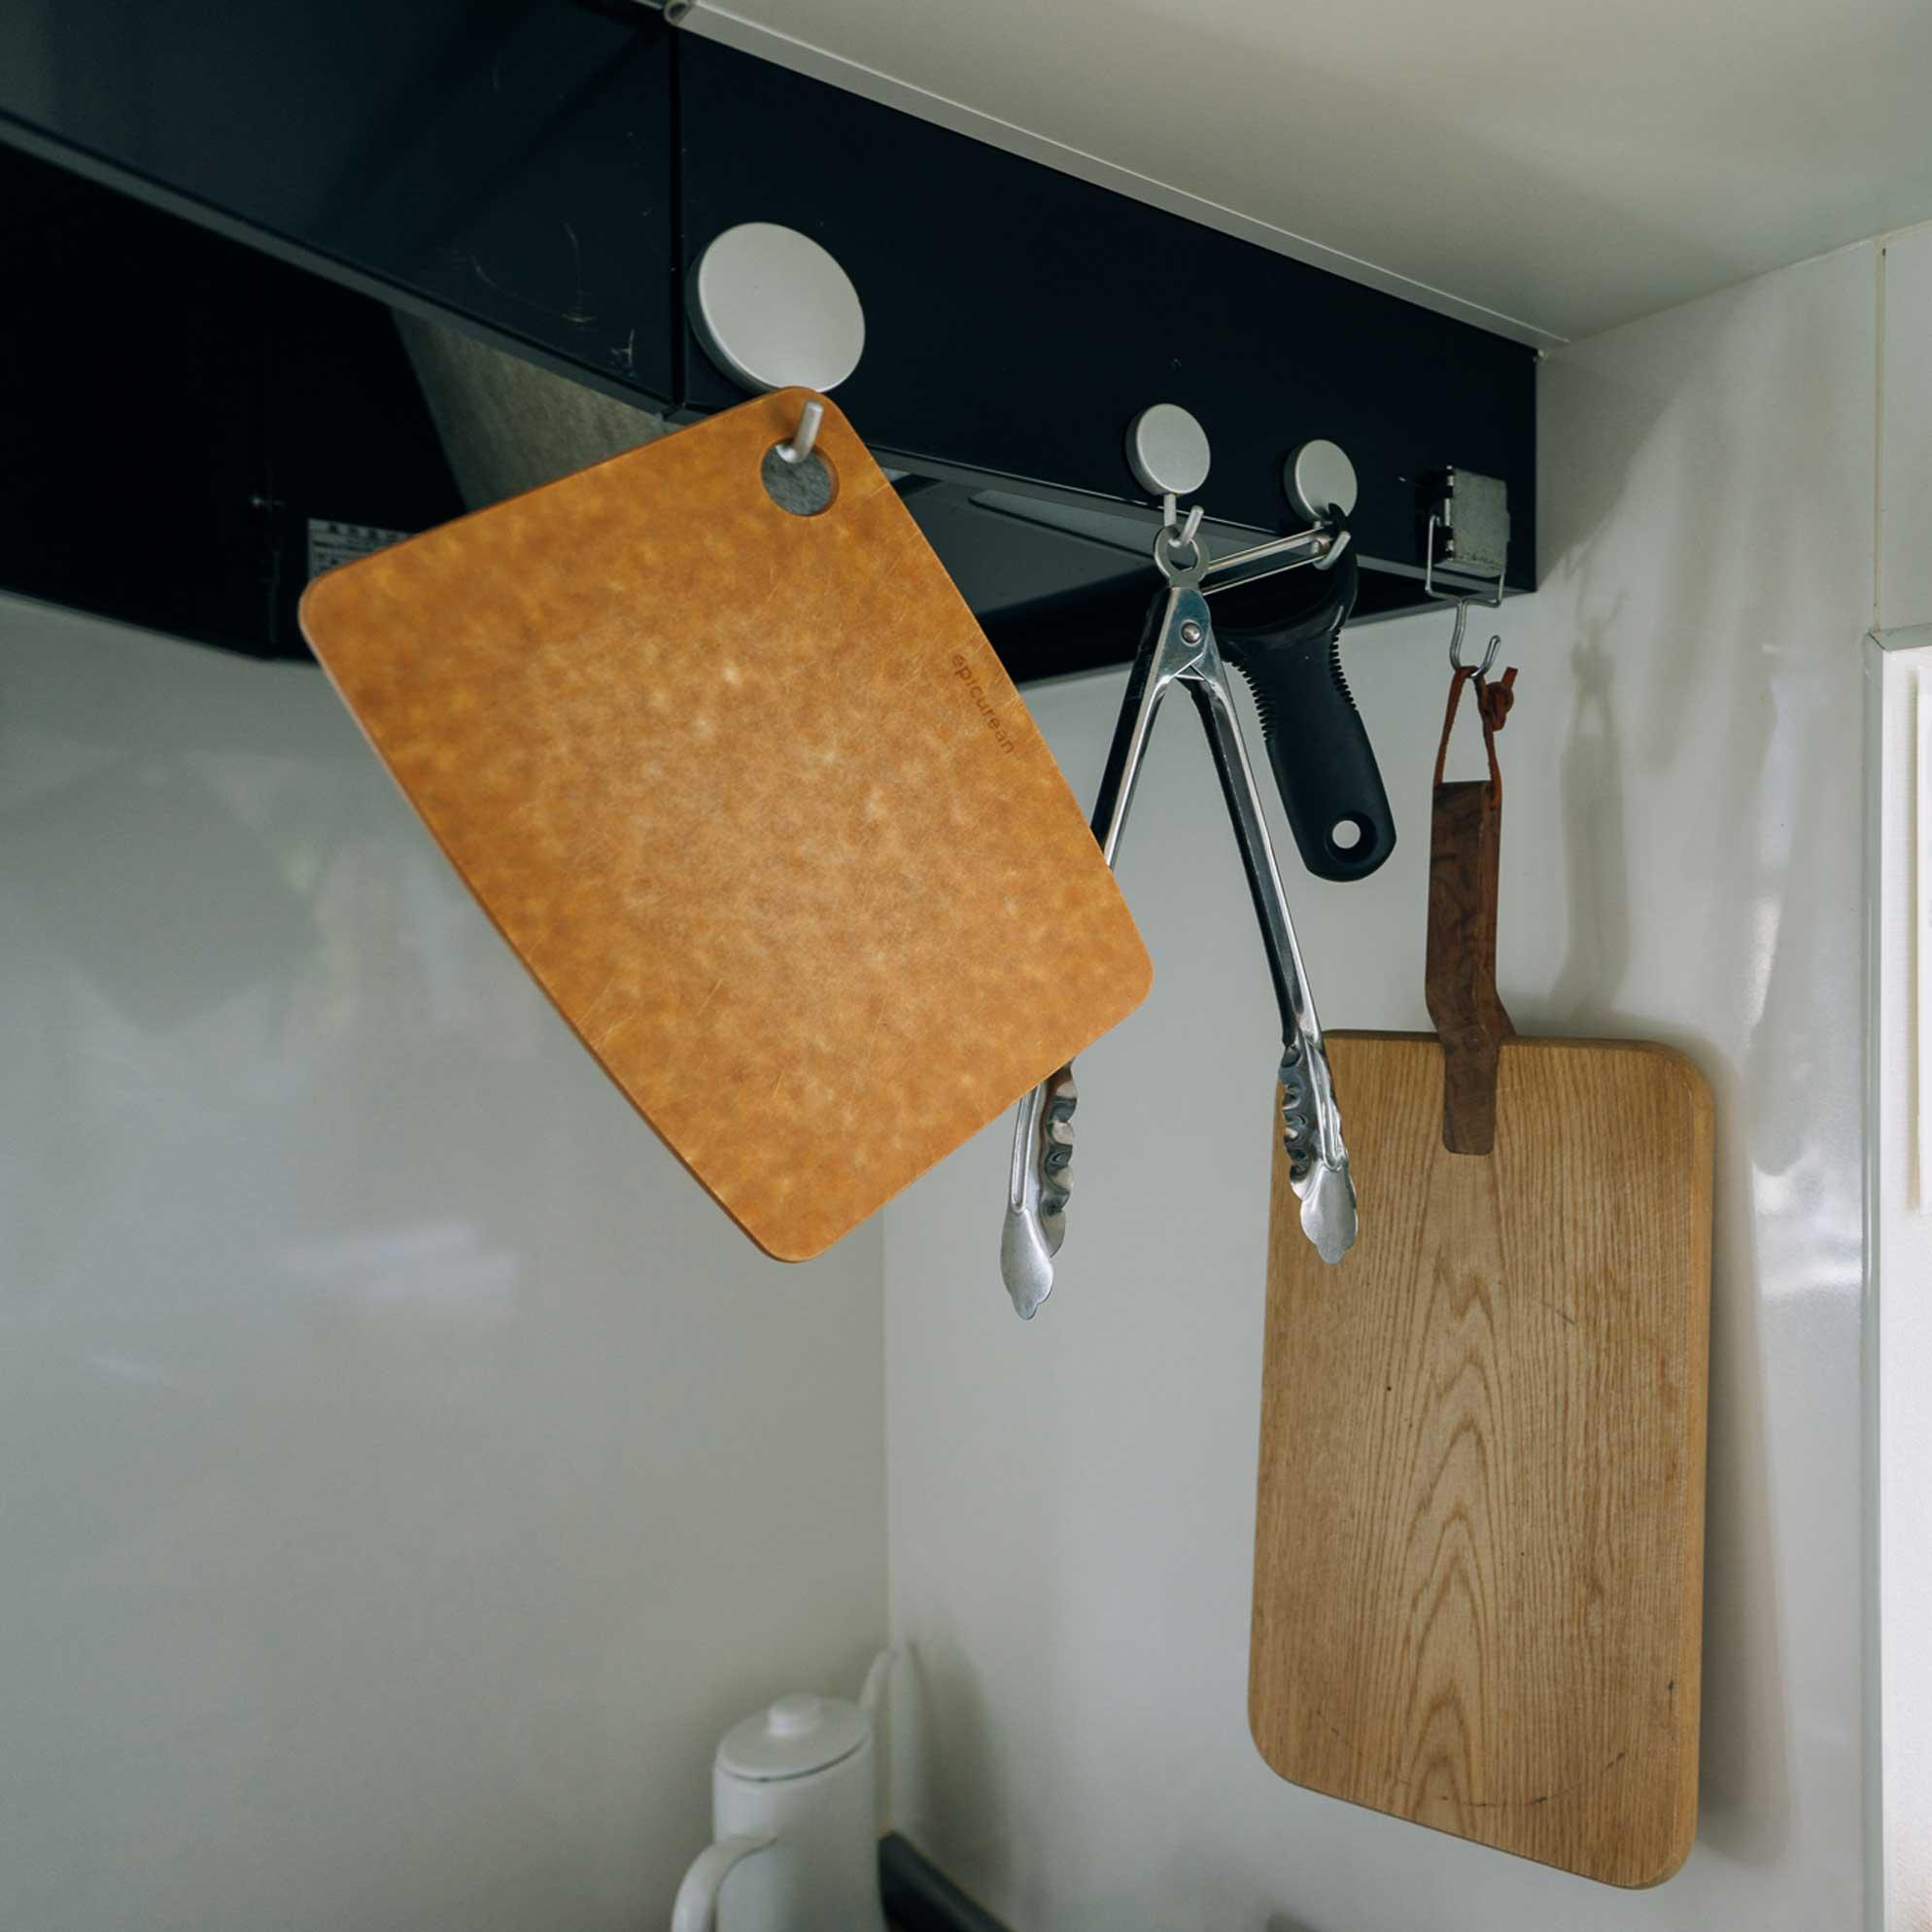 本当に必要なモノだけが、すぐ手に取れる場所にある。自然と理想的なキッチンができあがっていた。